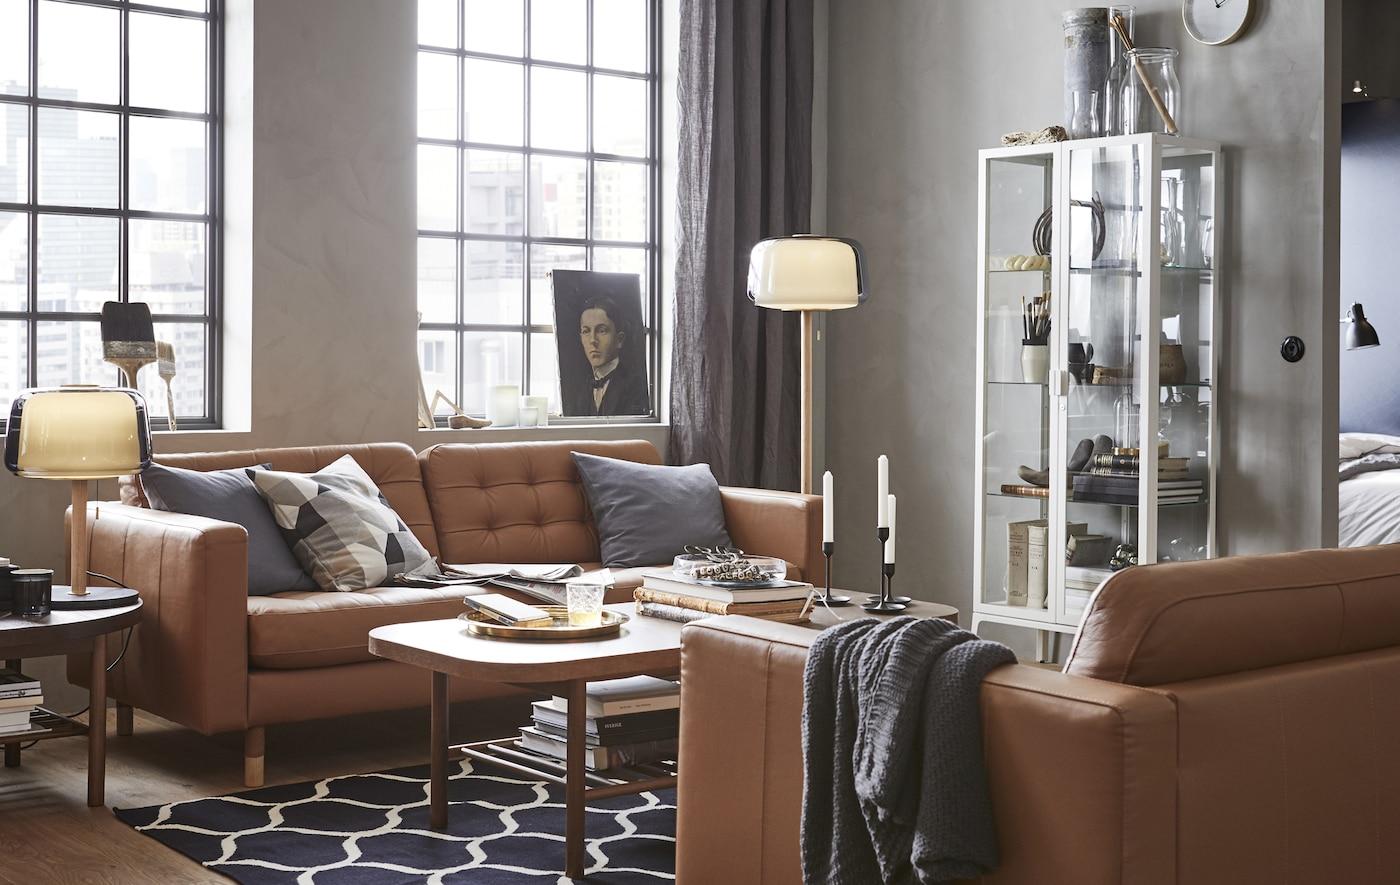 Een woonkamer met twee bruine leren zitbanken, een salontafel, een vitrinekast en lampen.